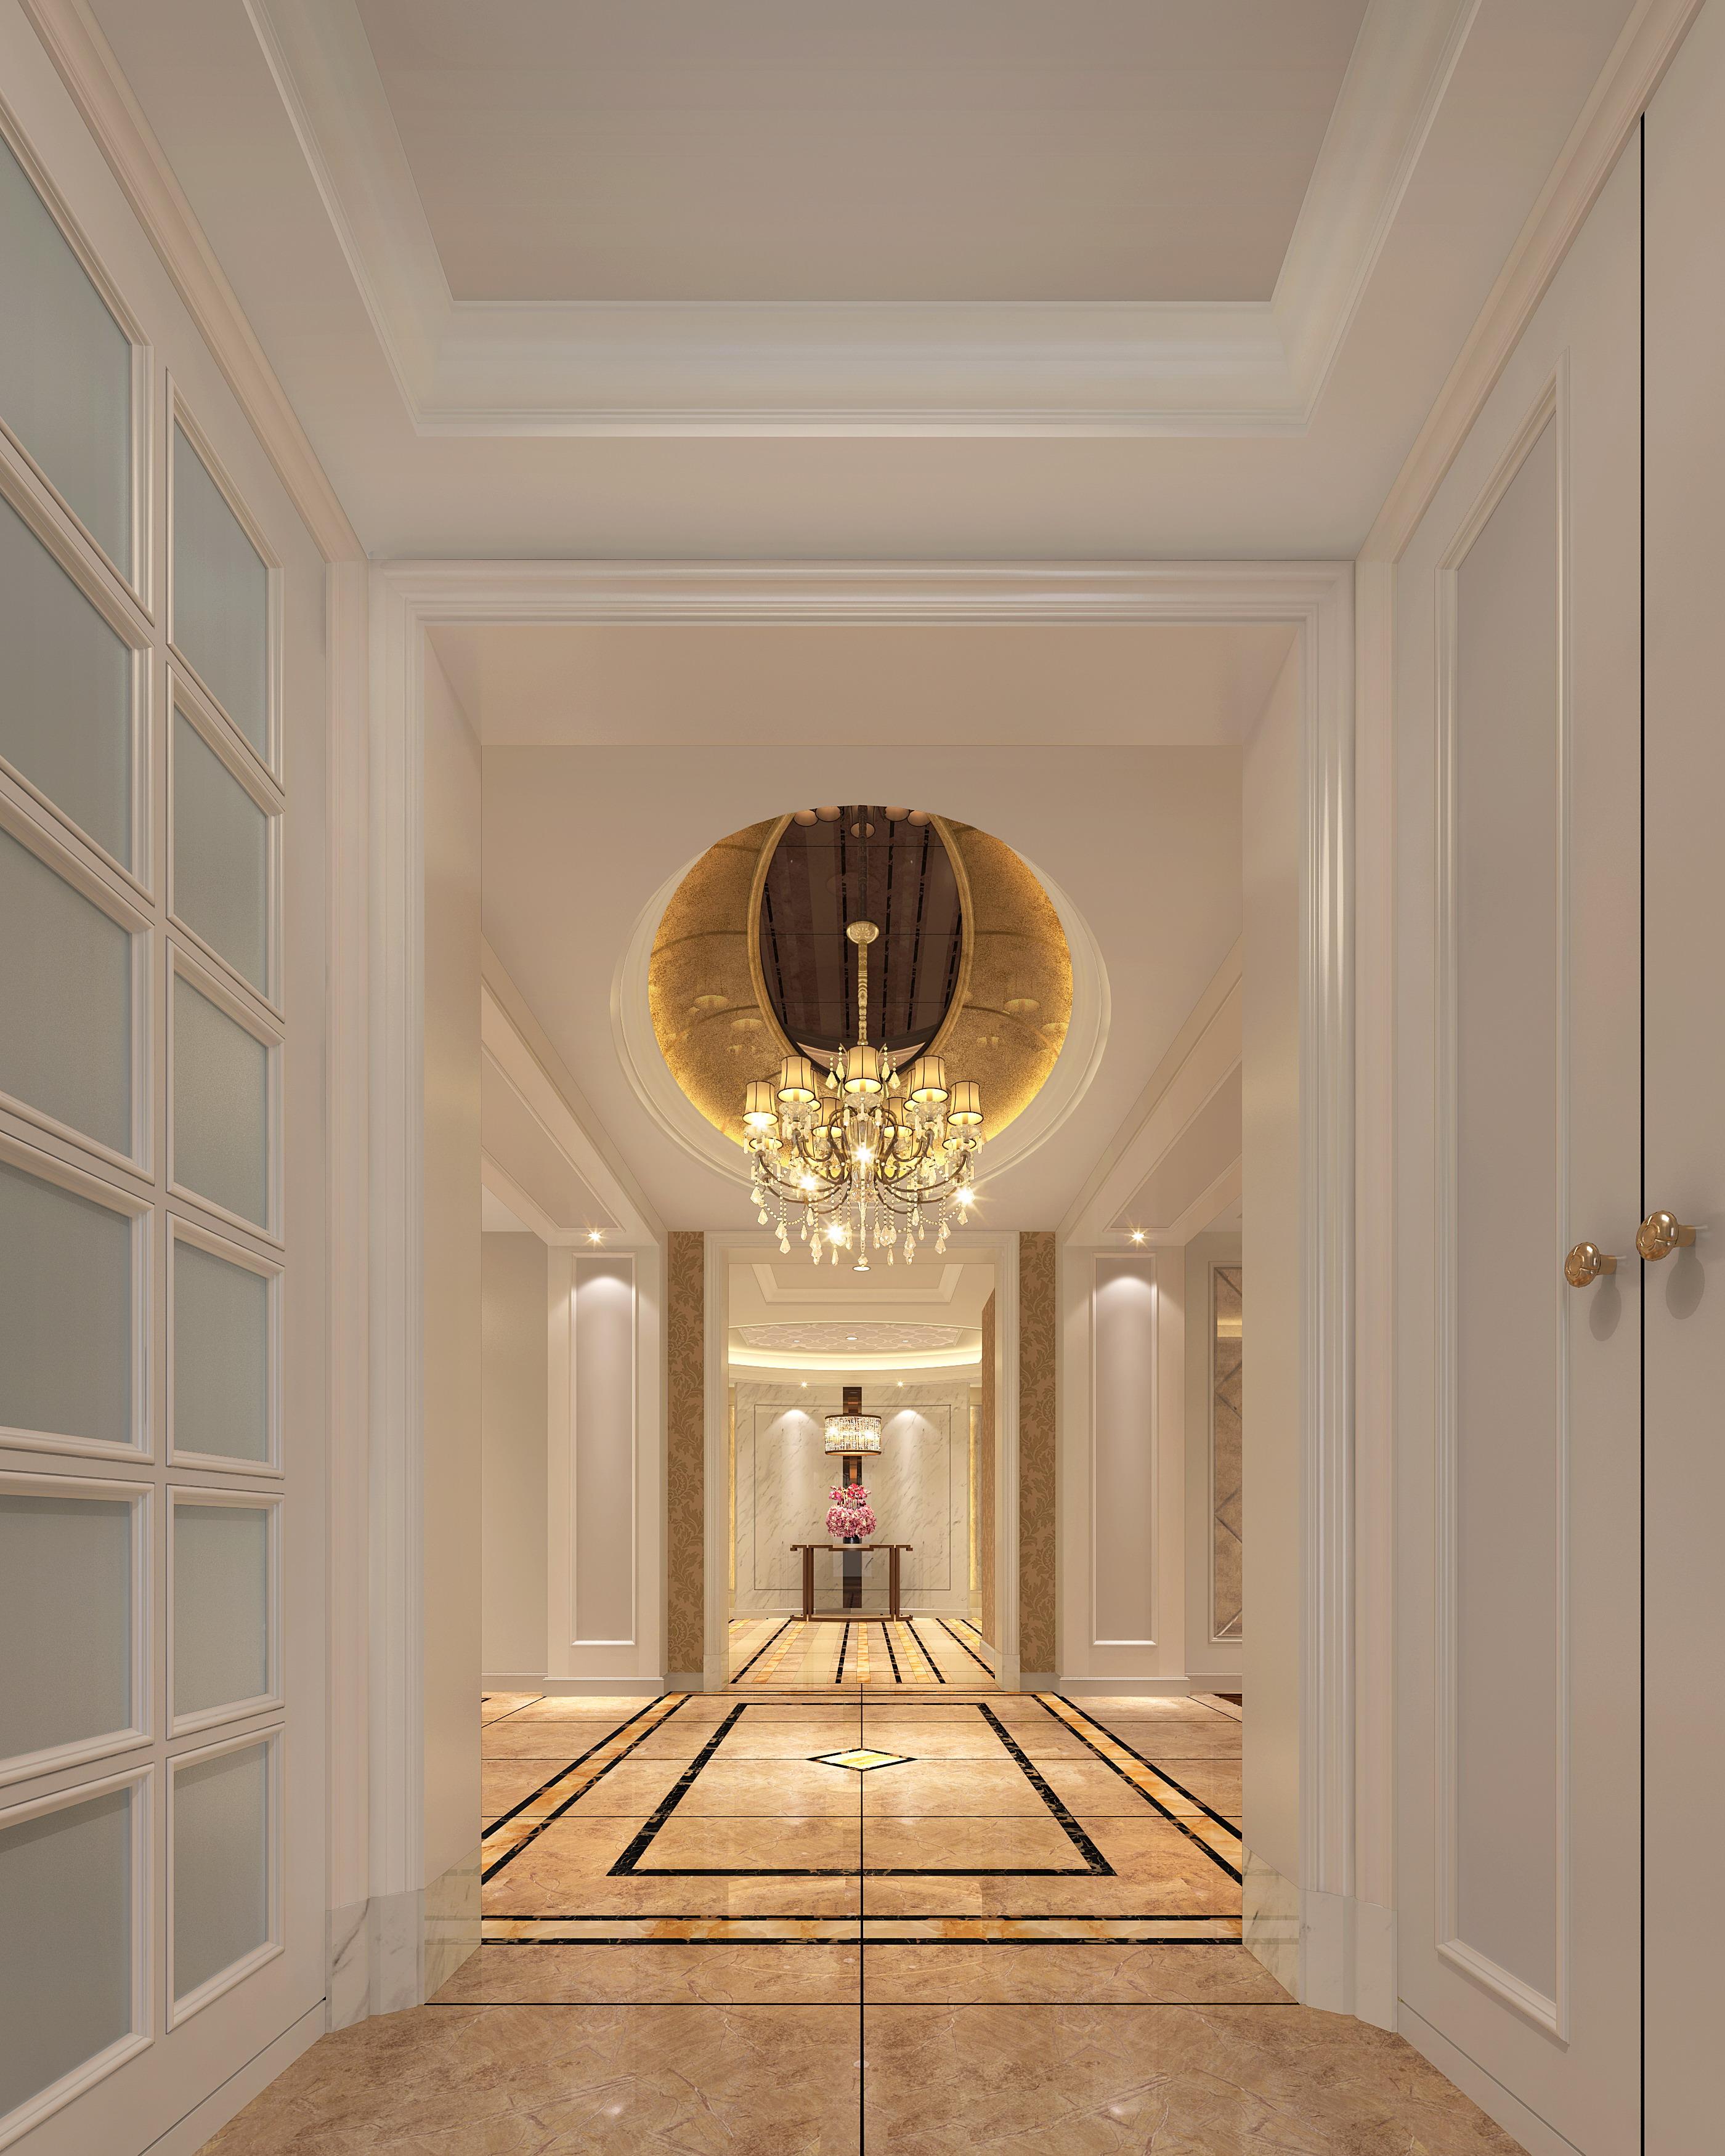 欧式 白领 小资 玄关图片来自敏空间在徐汇中凯城市之光公寓的分享